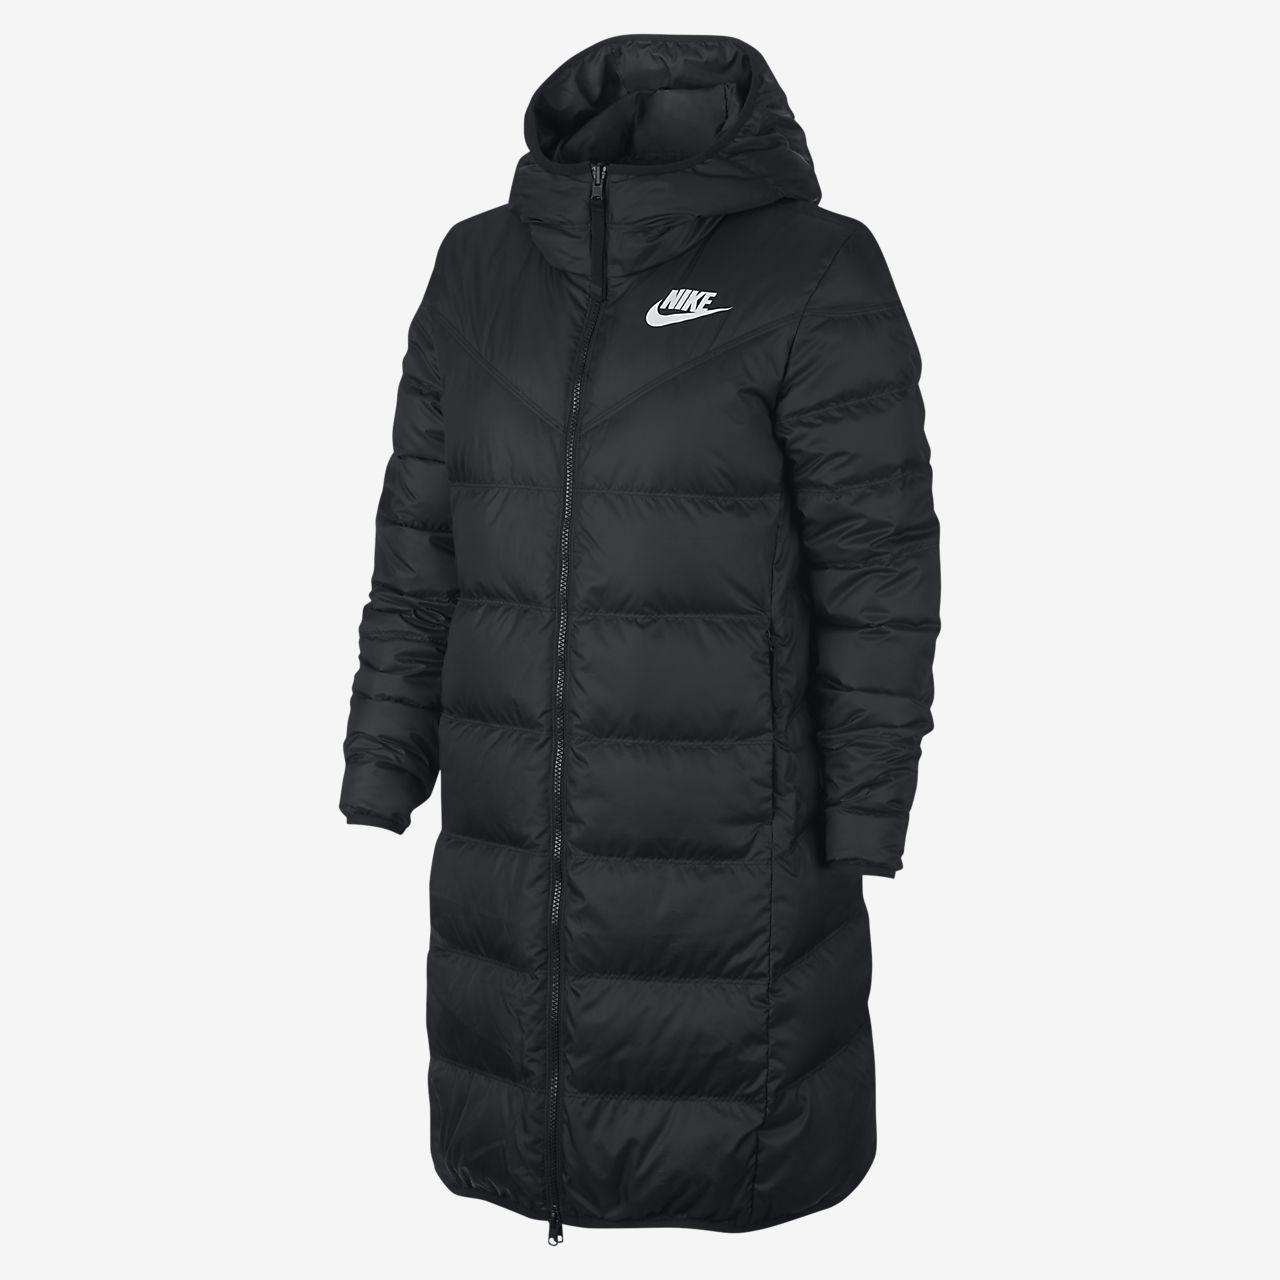 Nike Sportswear Windrunner Women S Reversible Down Fill Jacket Sportswear Jackets Nike Sportswear [ 1280 x 1280 Pixel ]